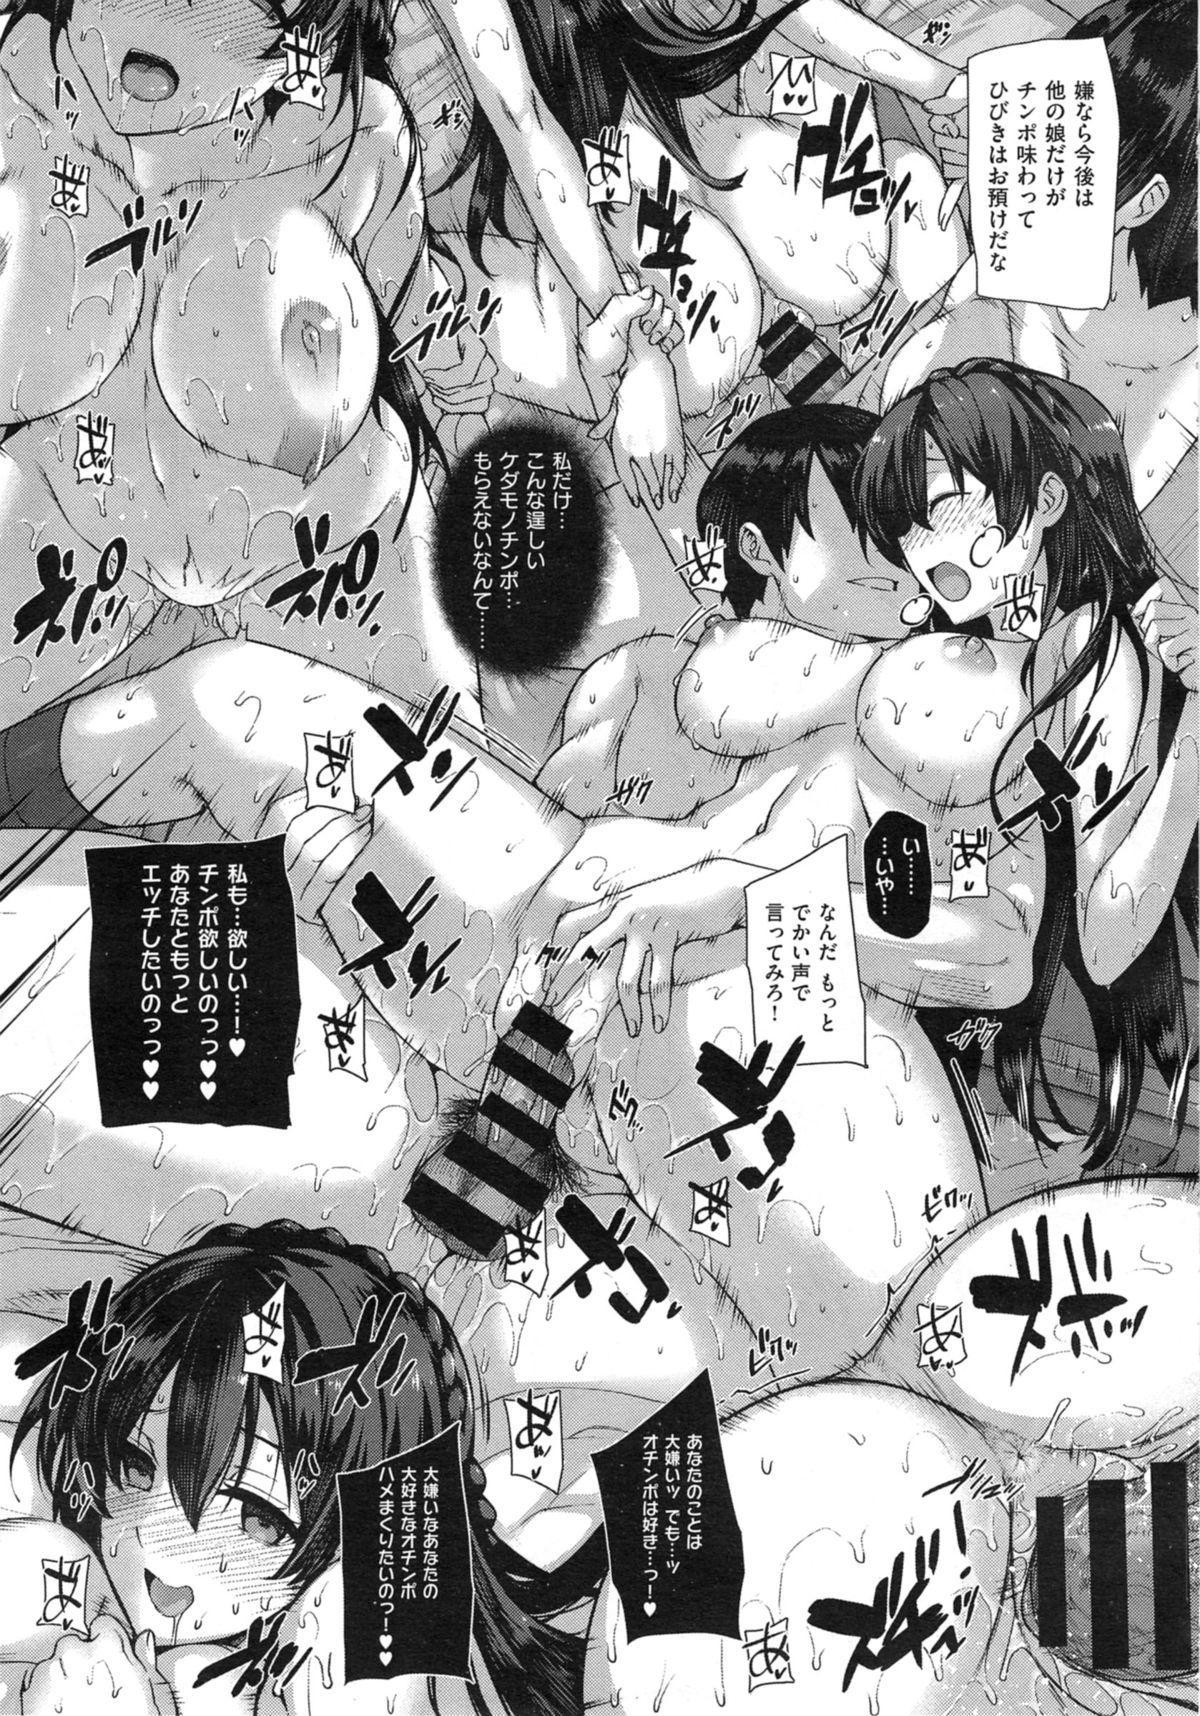 shiramine hibiki no ryoukannisshi 26